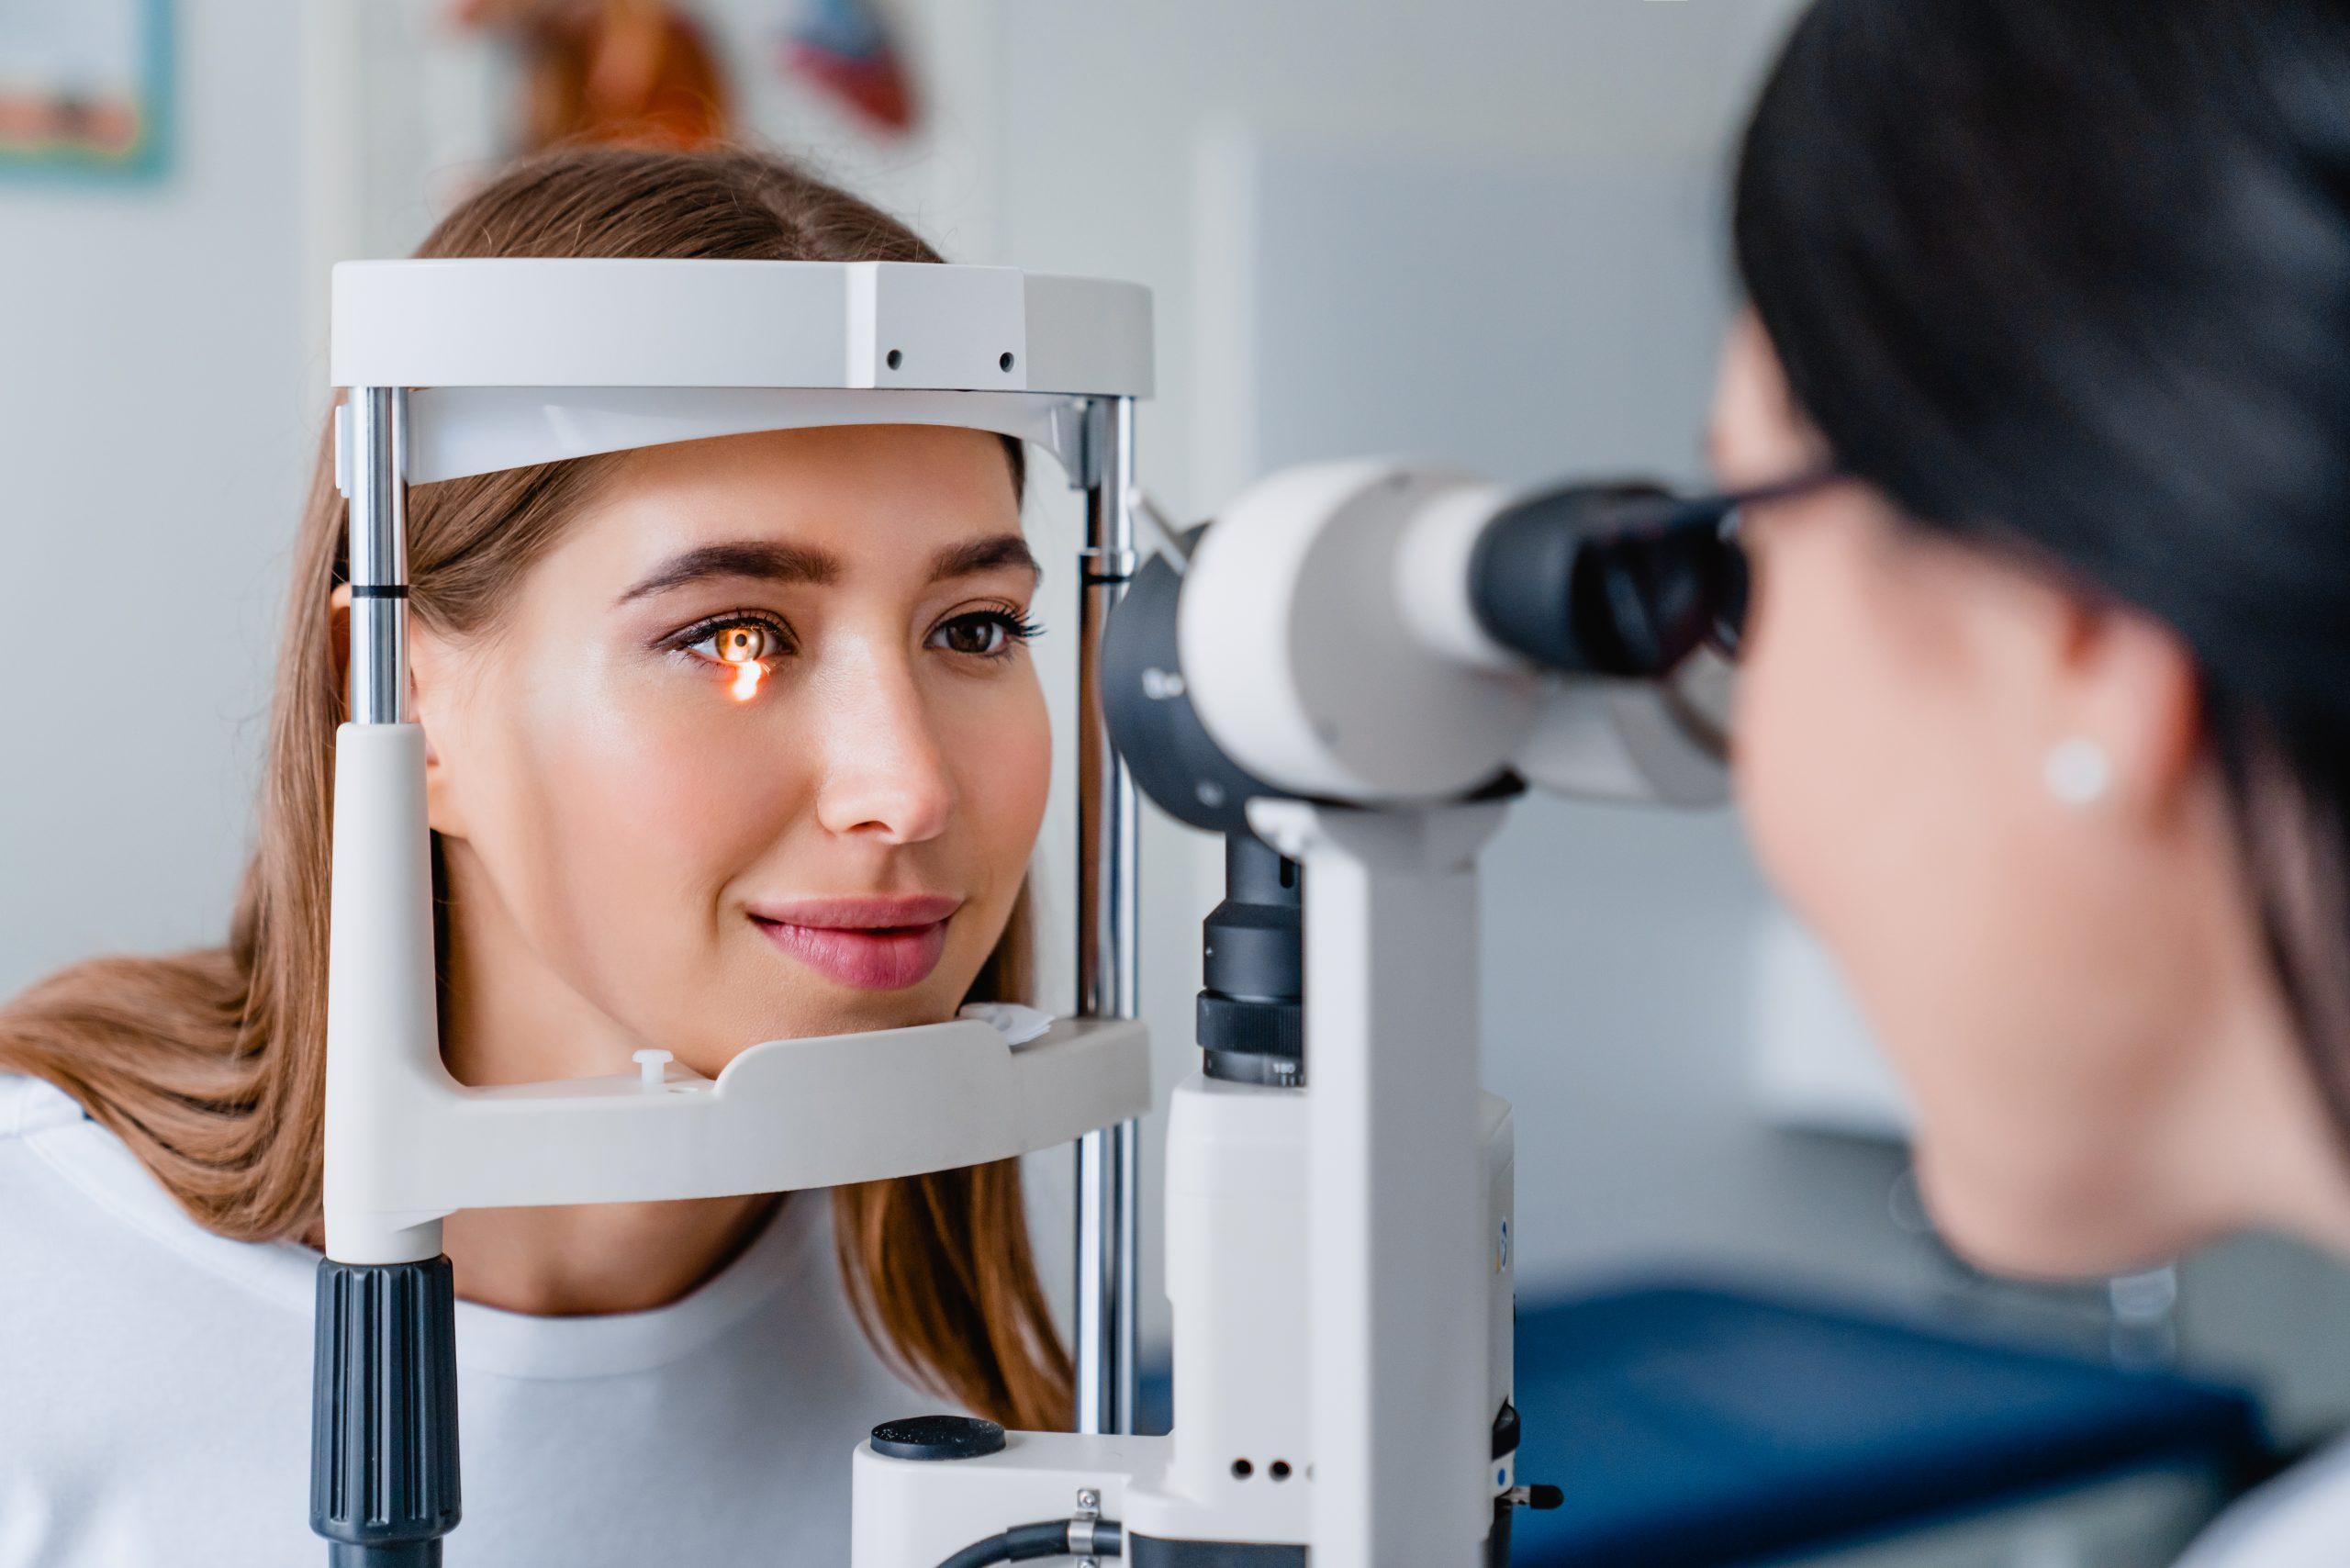 Què és un centre d'òptica i optometria